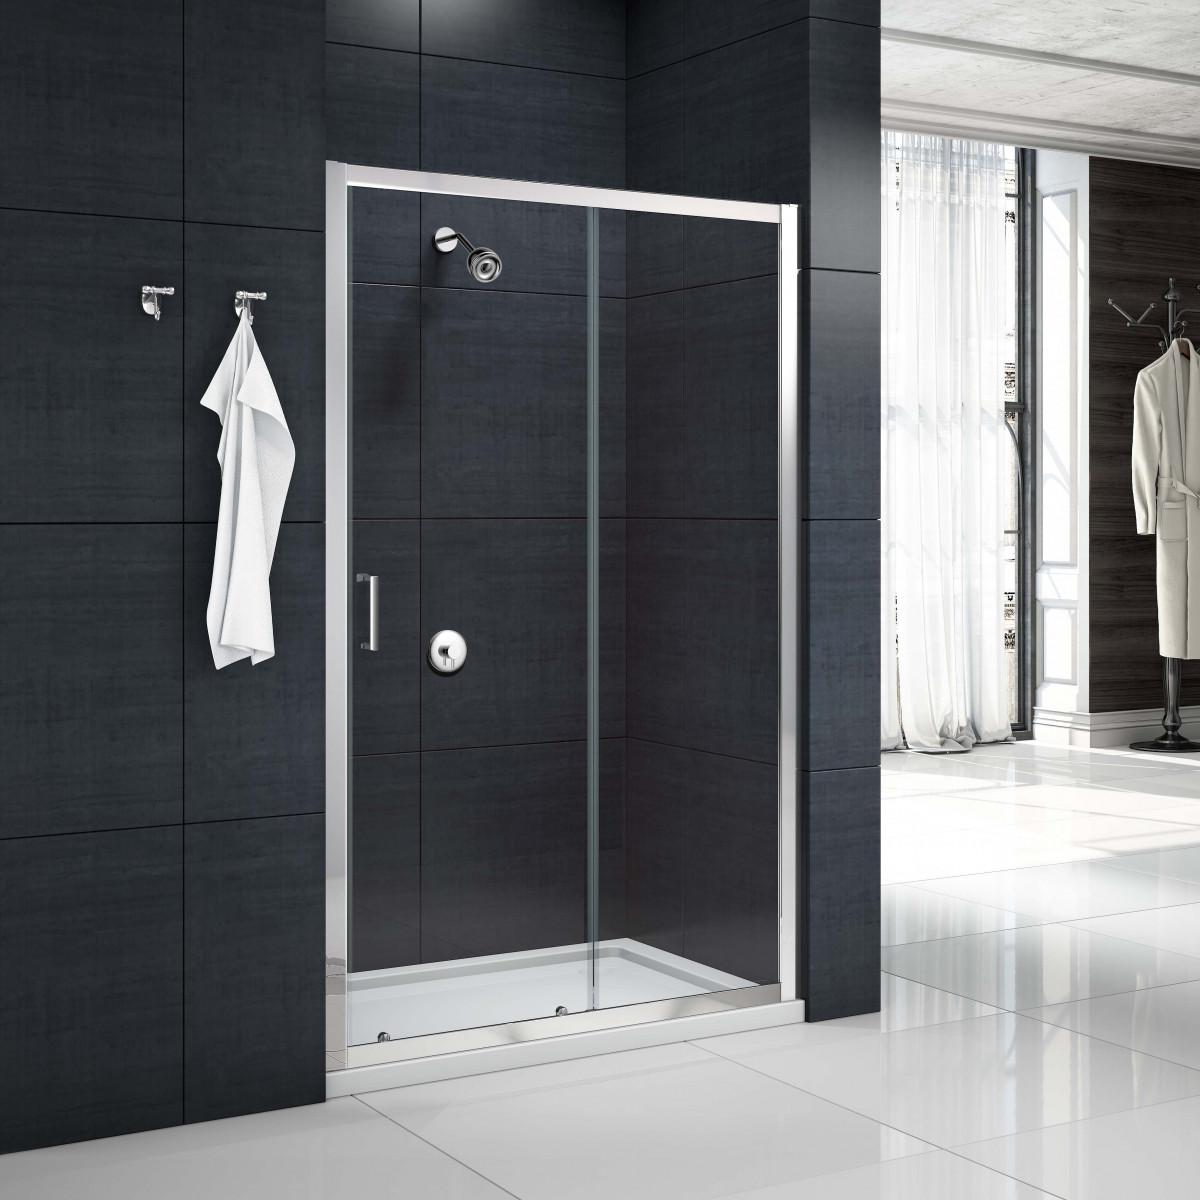 Merlyn mbox sliding shower door 1000mm mbs1000 for 1000mm door